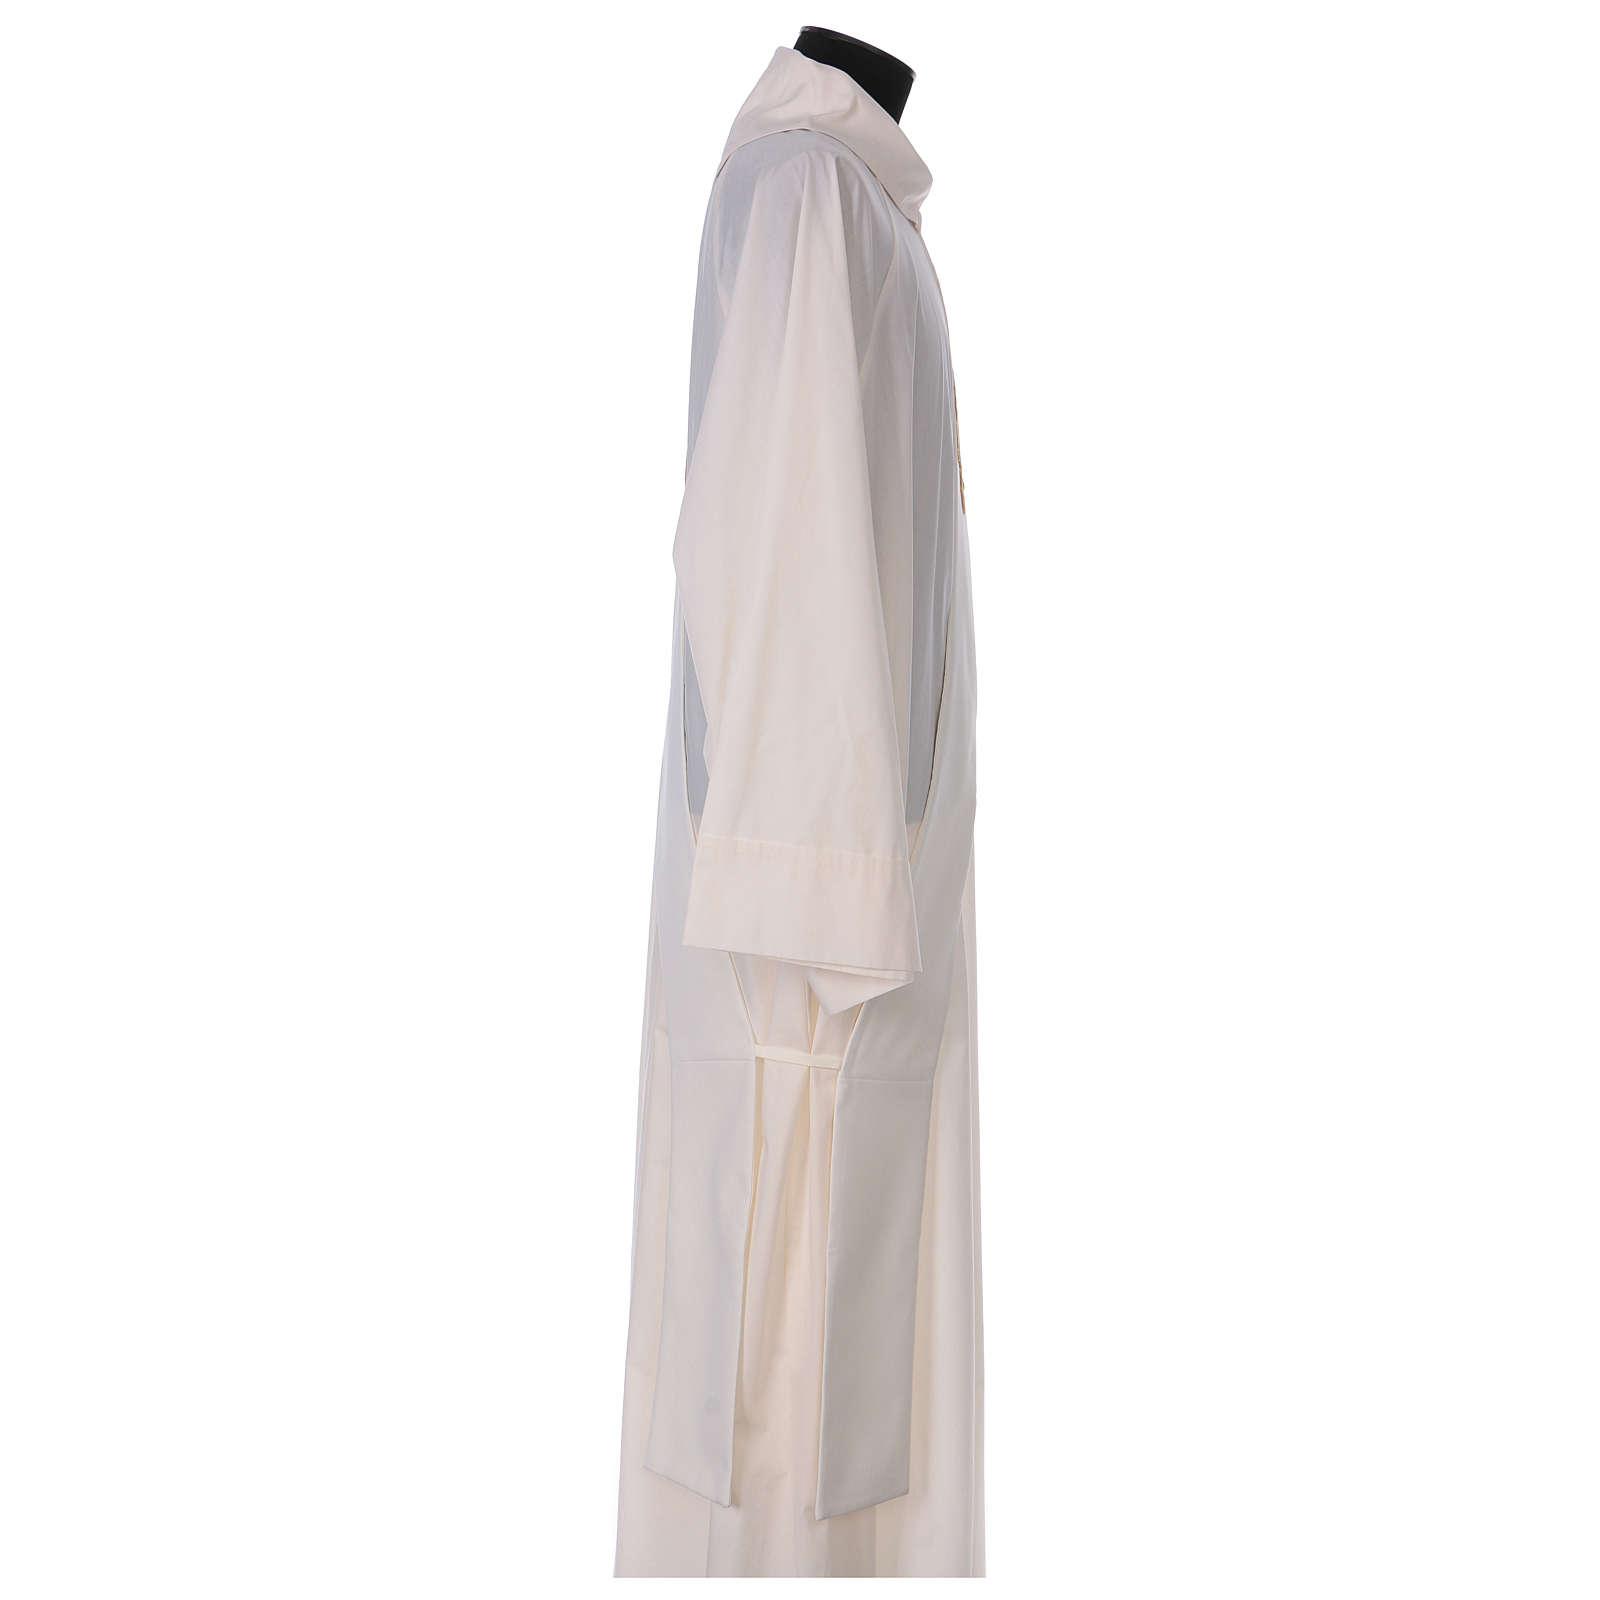 Étole diaconale ivoire IHS dorée en relief 80% polyester 20% laine 4